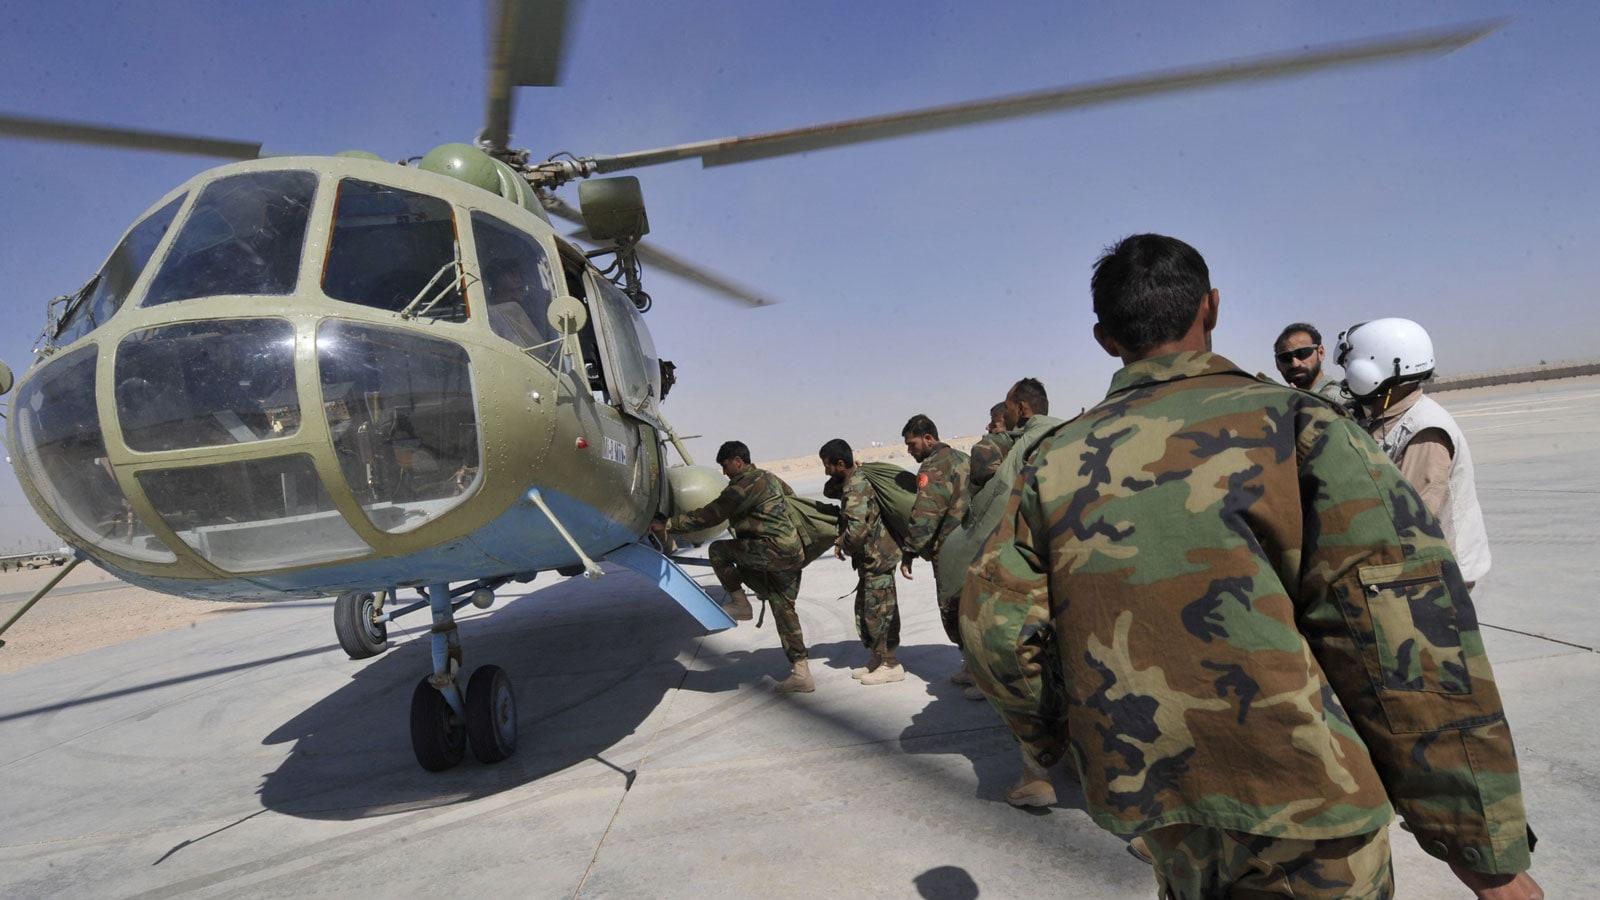 طيارون أفغان يهربون إلى الإمارات